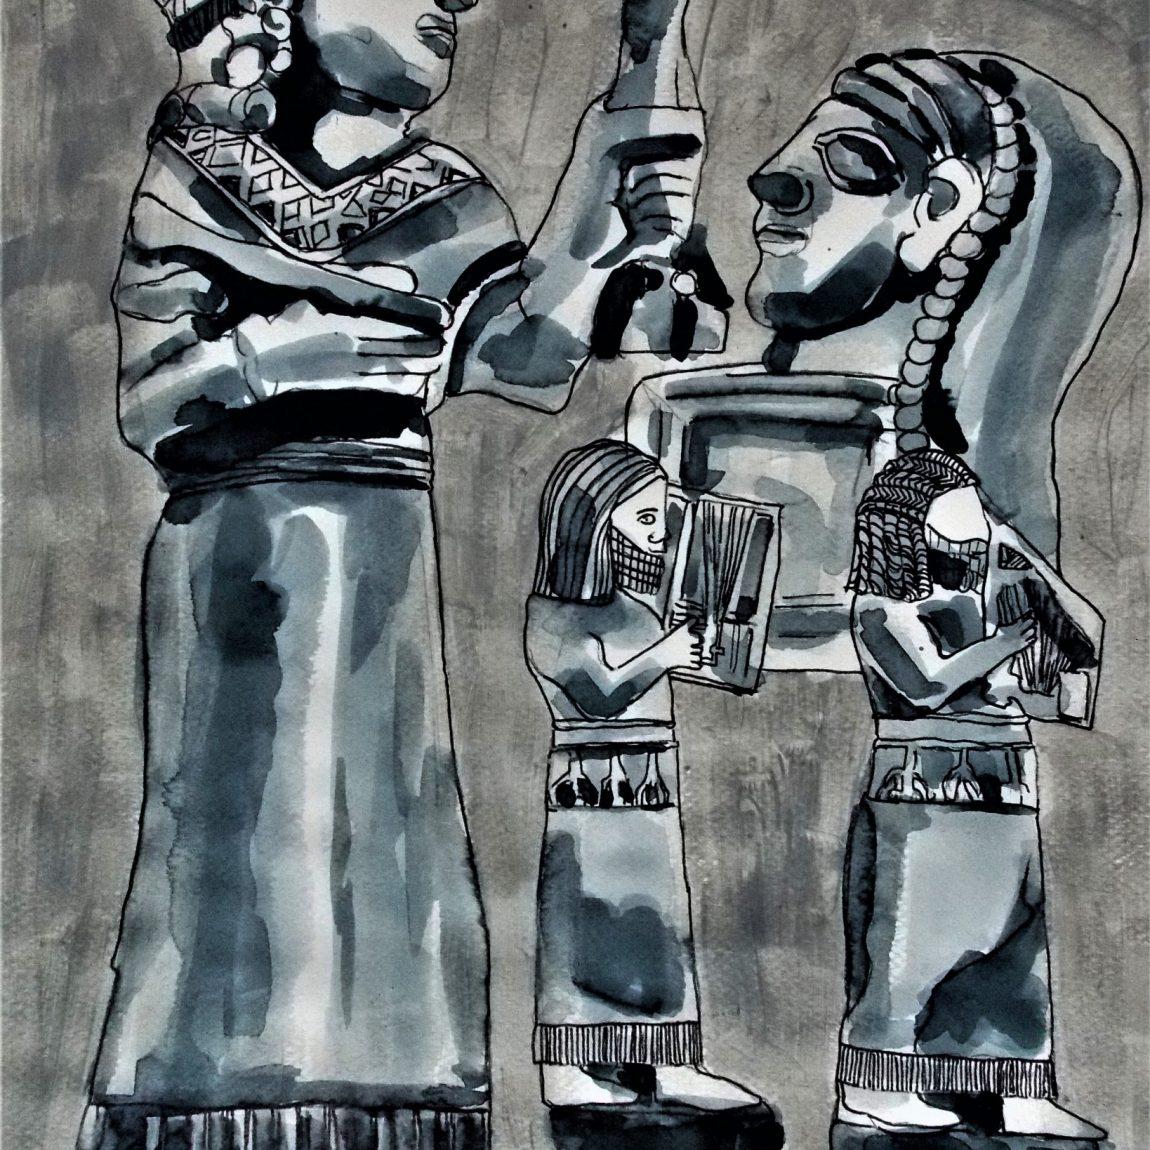 Unutulmuş Krallar ve kutlamalar Teknik: Karışık Teknik Ölçü: 28 x 44.5 cm Fiyatı: 1000 TL